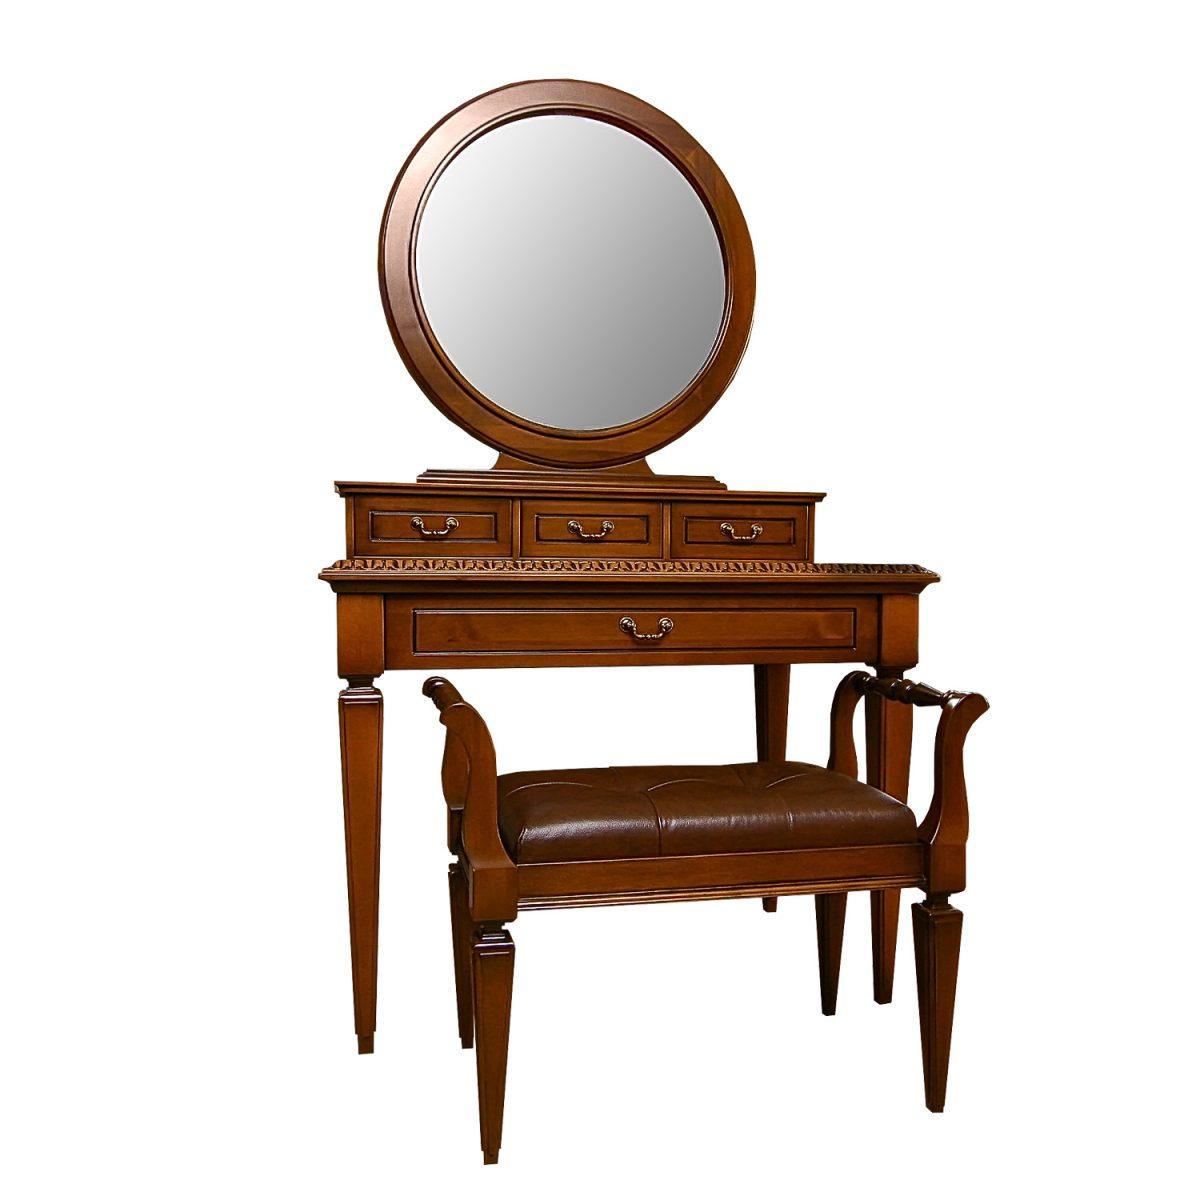 Massivholzmöbel, auch nach Maß, klassische Naturholz Möbel preiswert